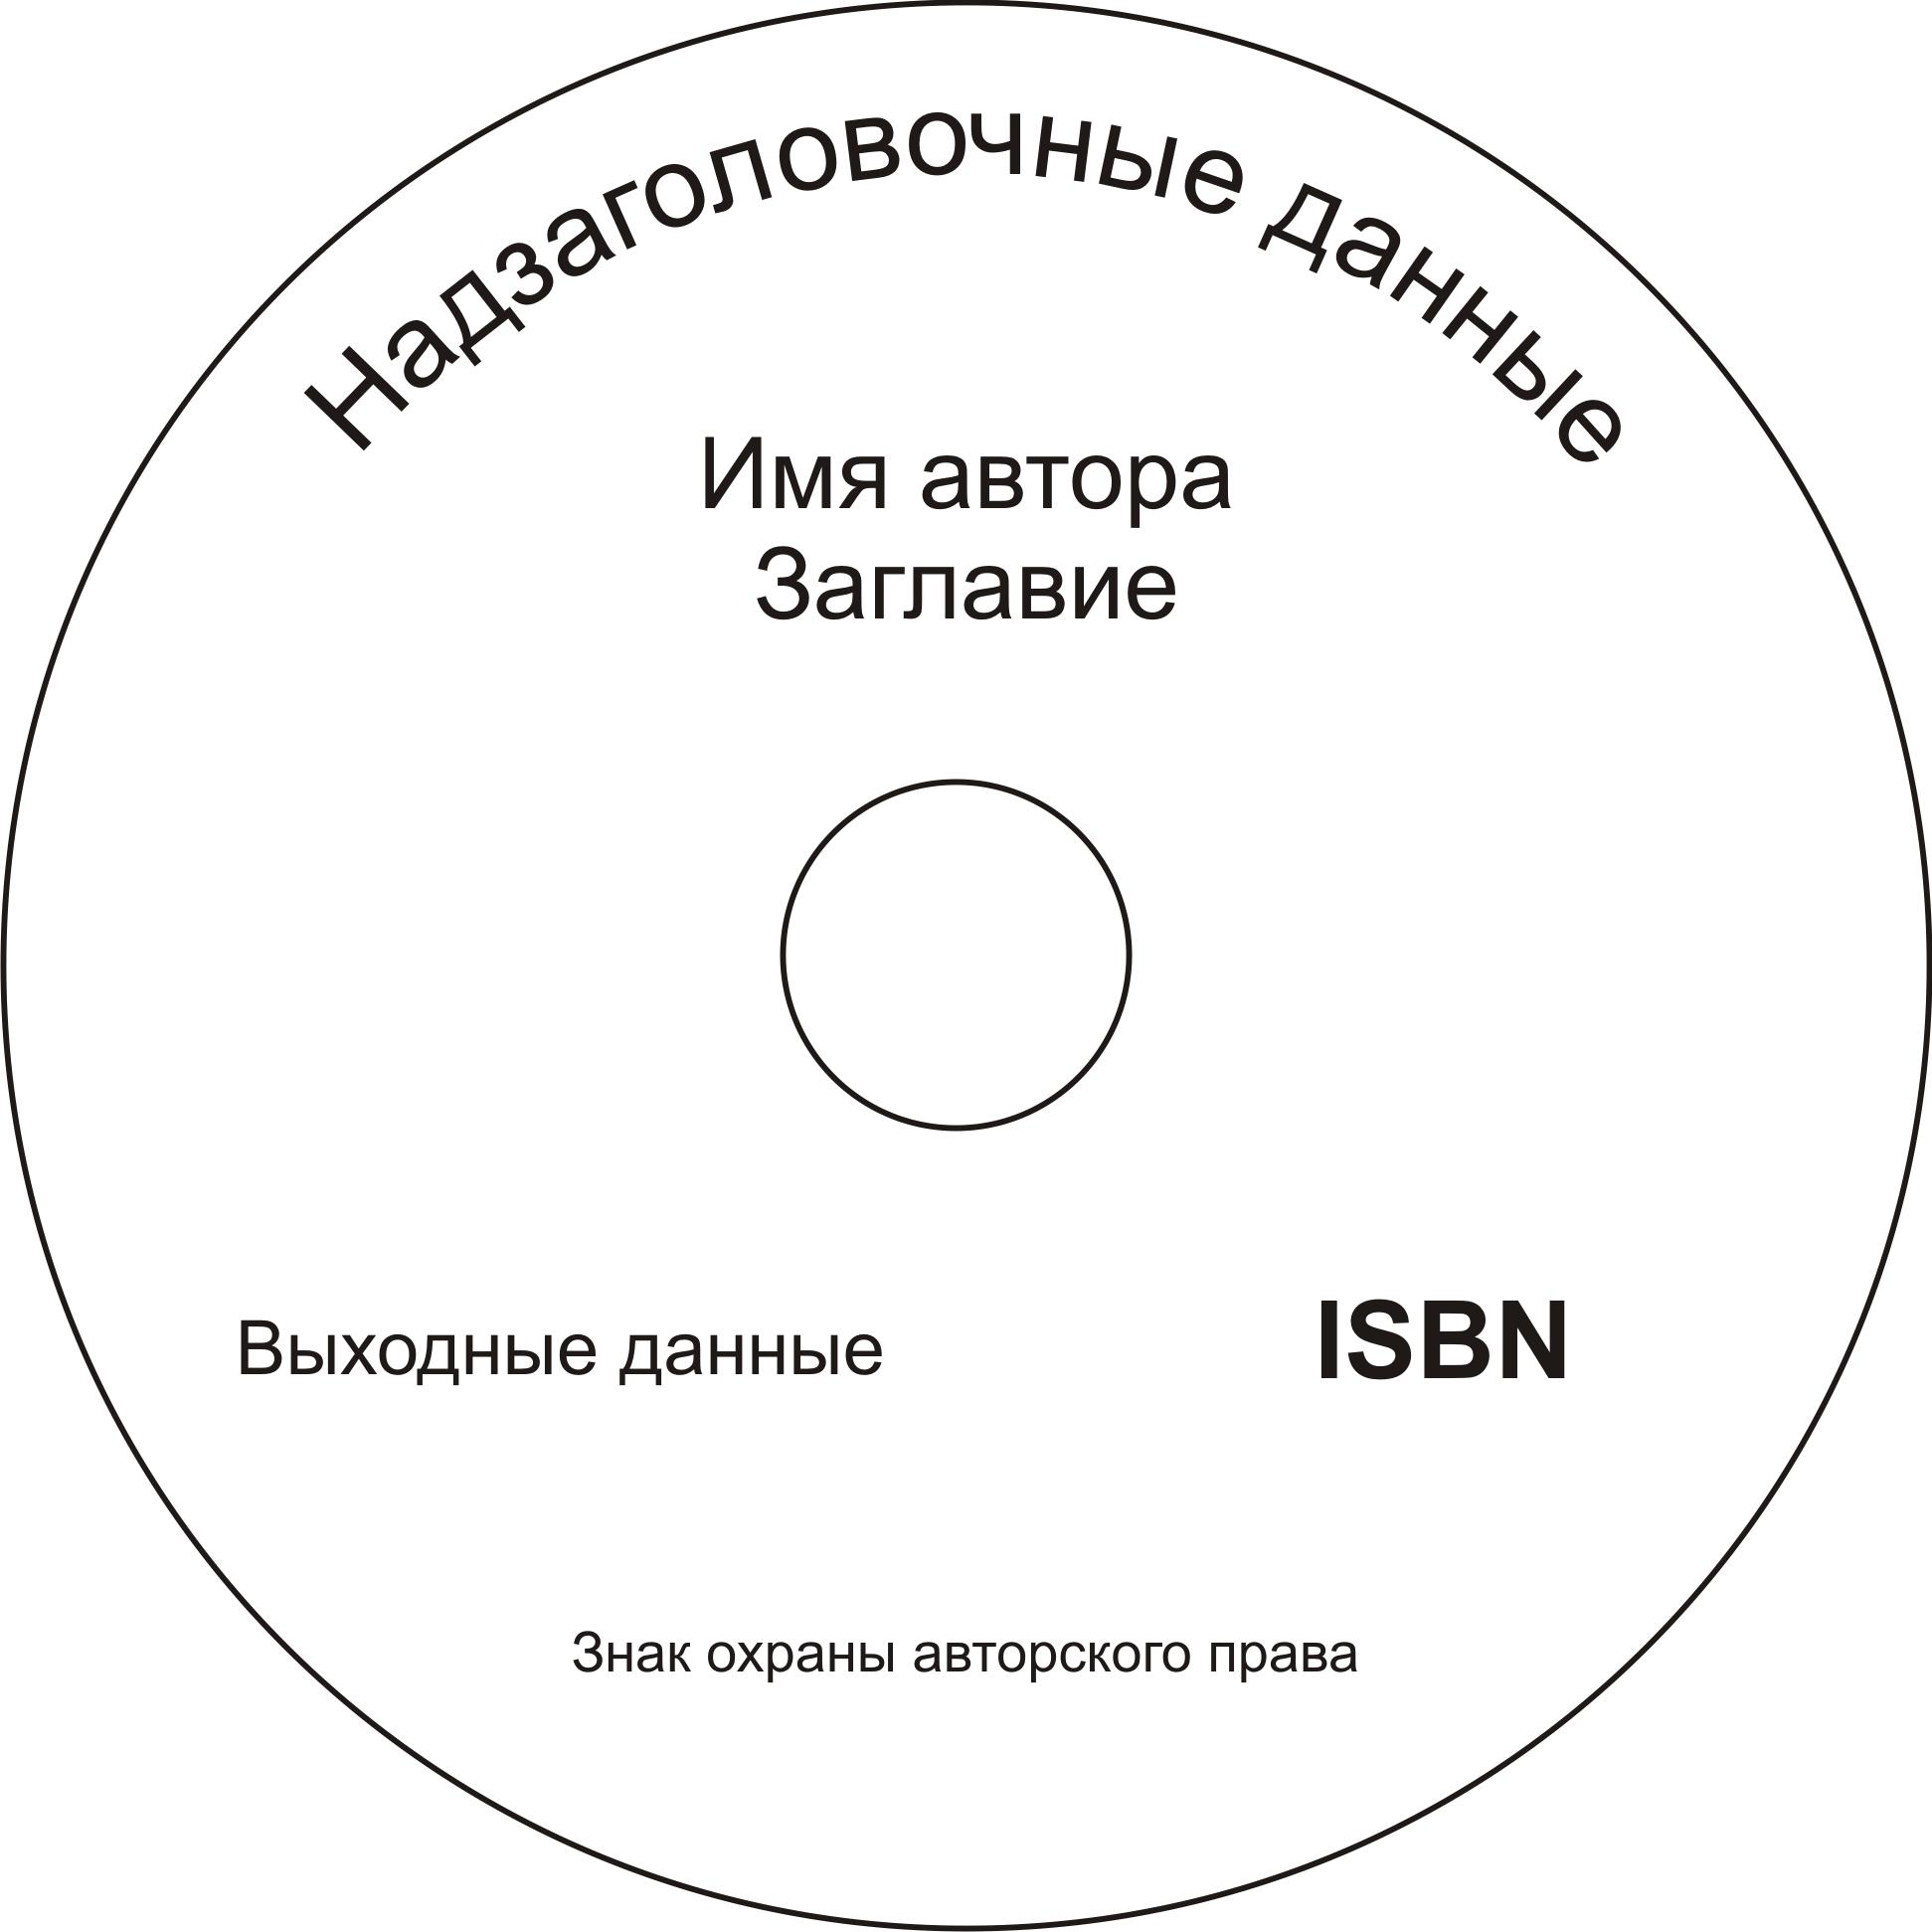 Этикетка носителя непериодического издания